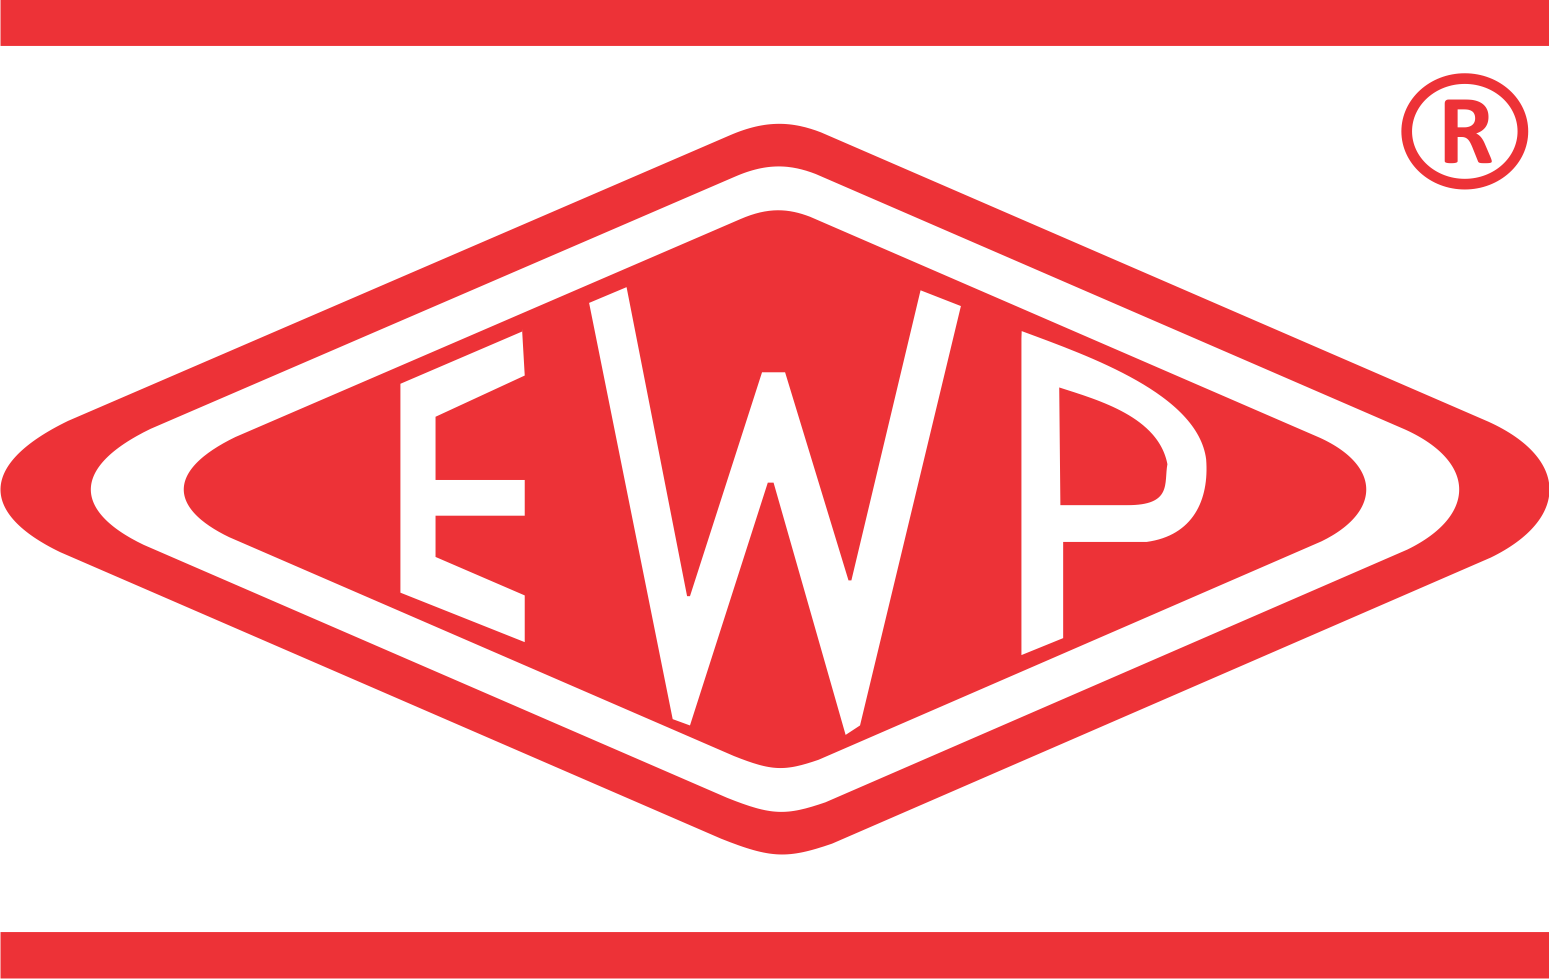 EWP - Elektroniczne Wagi Przemysłowe Sp. z o.o. Sp. K.